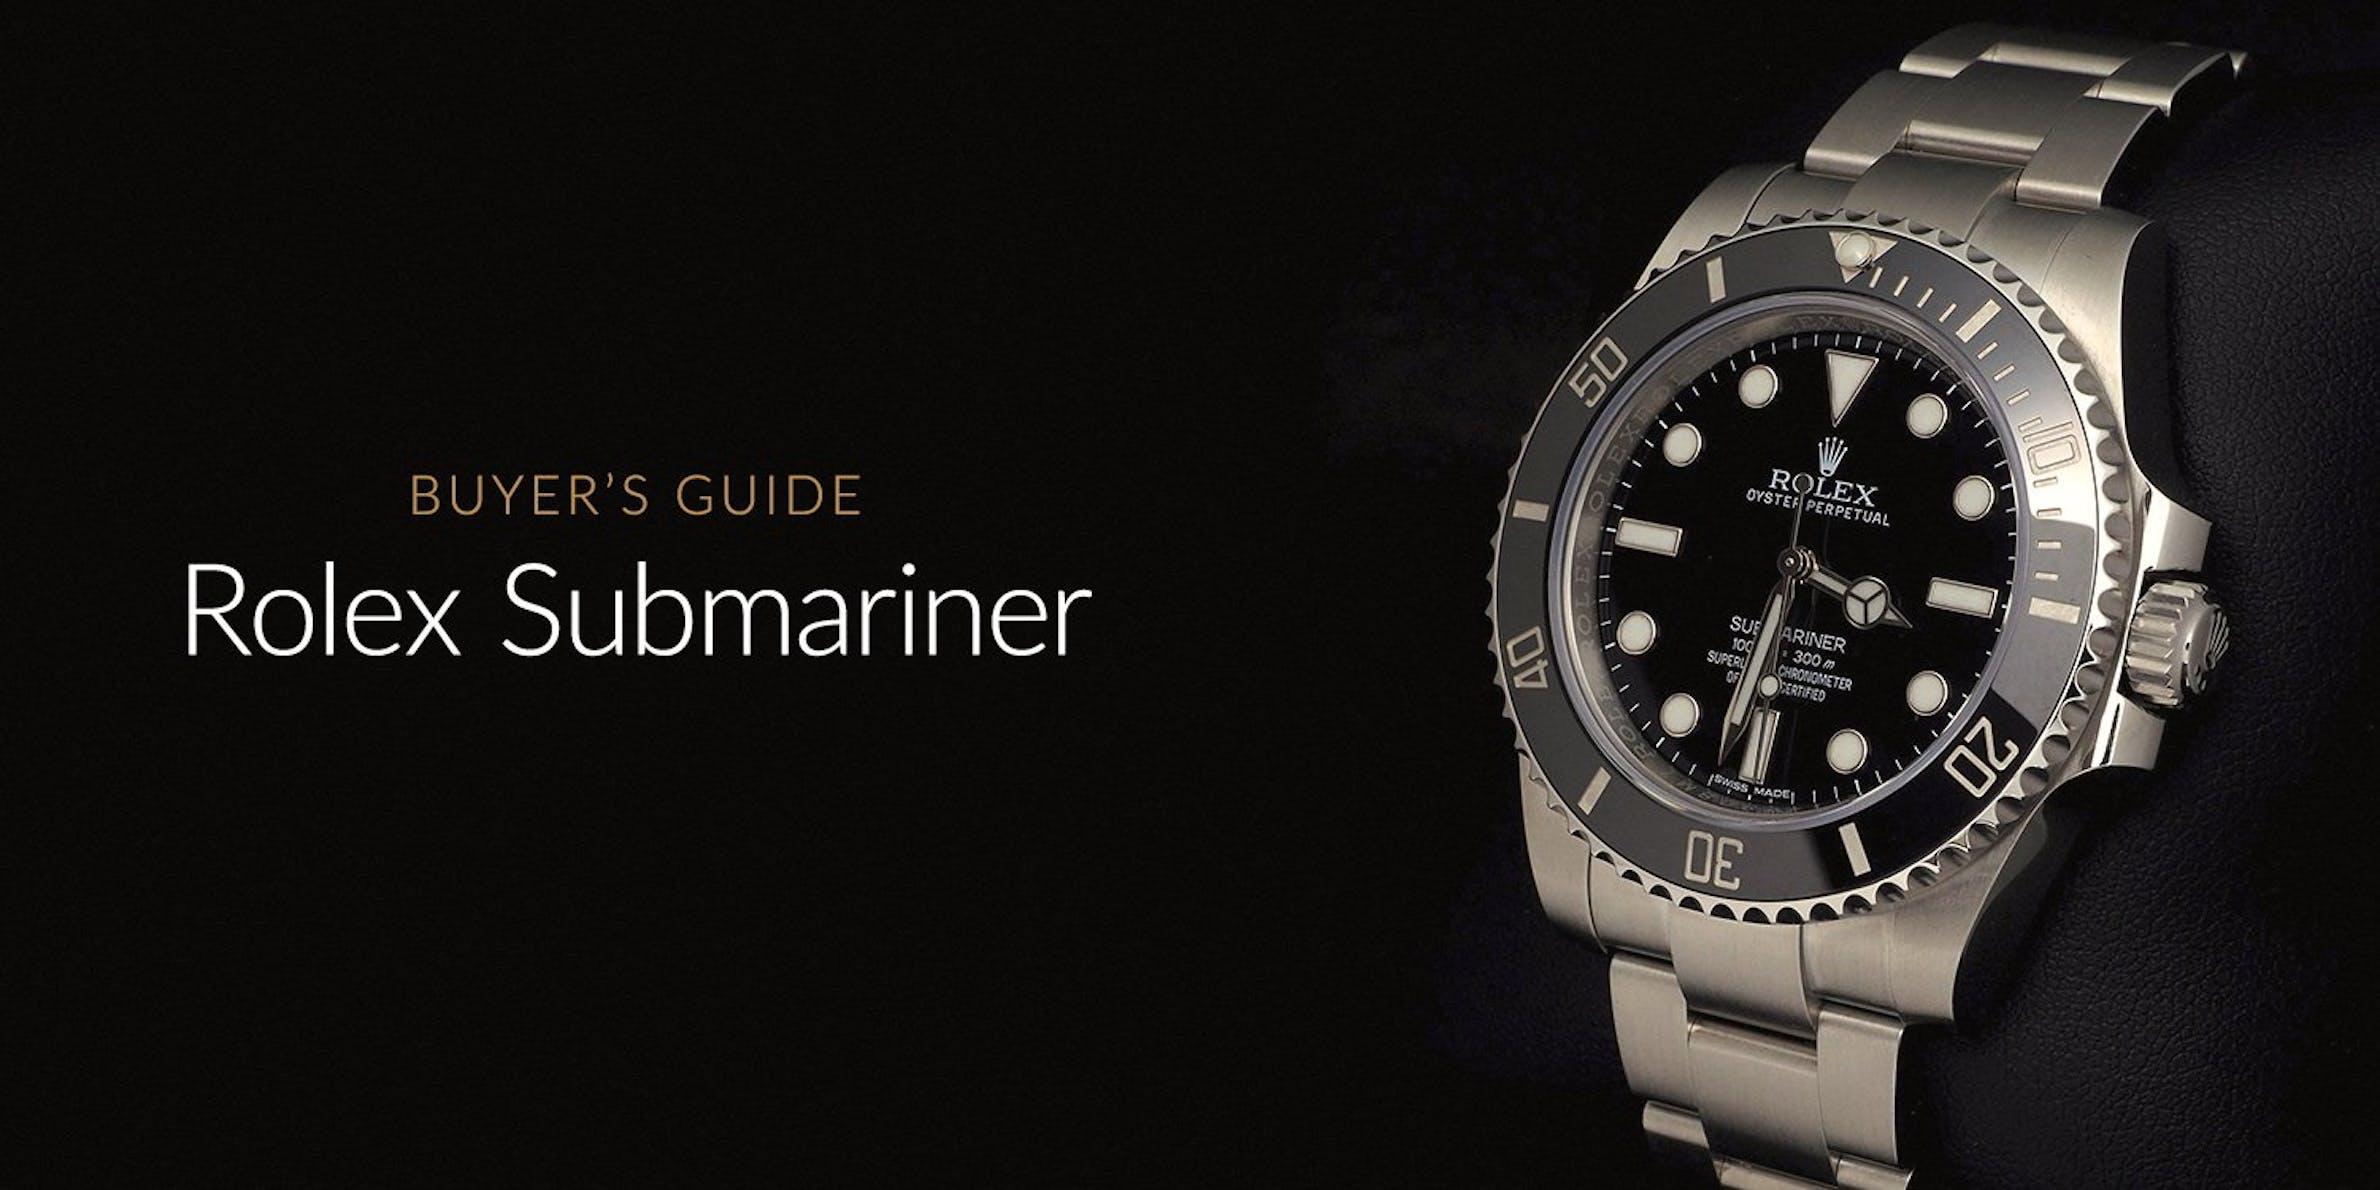 CAM-1440-Buyers-Guide-Rolex-Submariner-2-1-EN